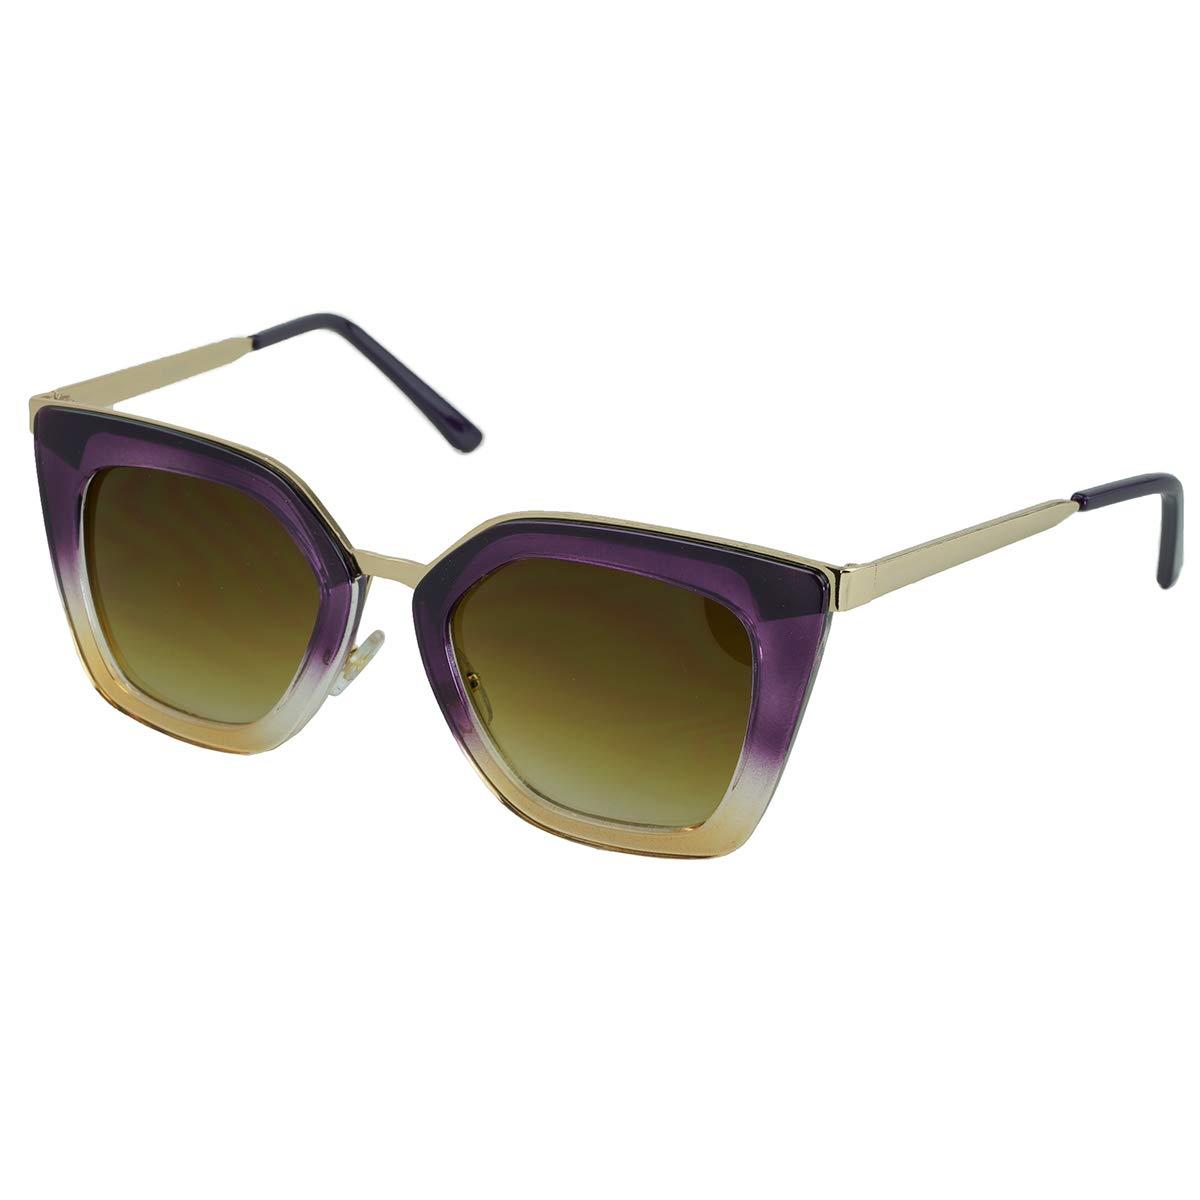 Proozy - Gafas de Sol con Hebilla (Cristal), Color Morado ...